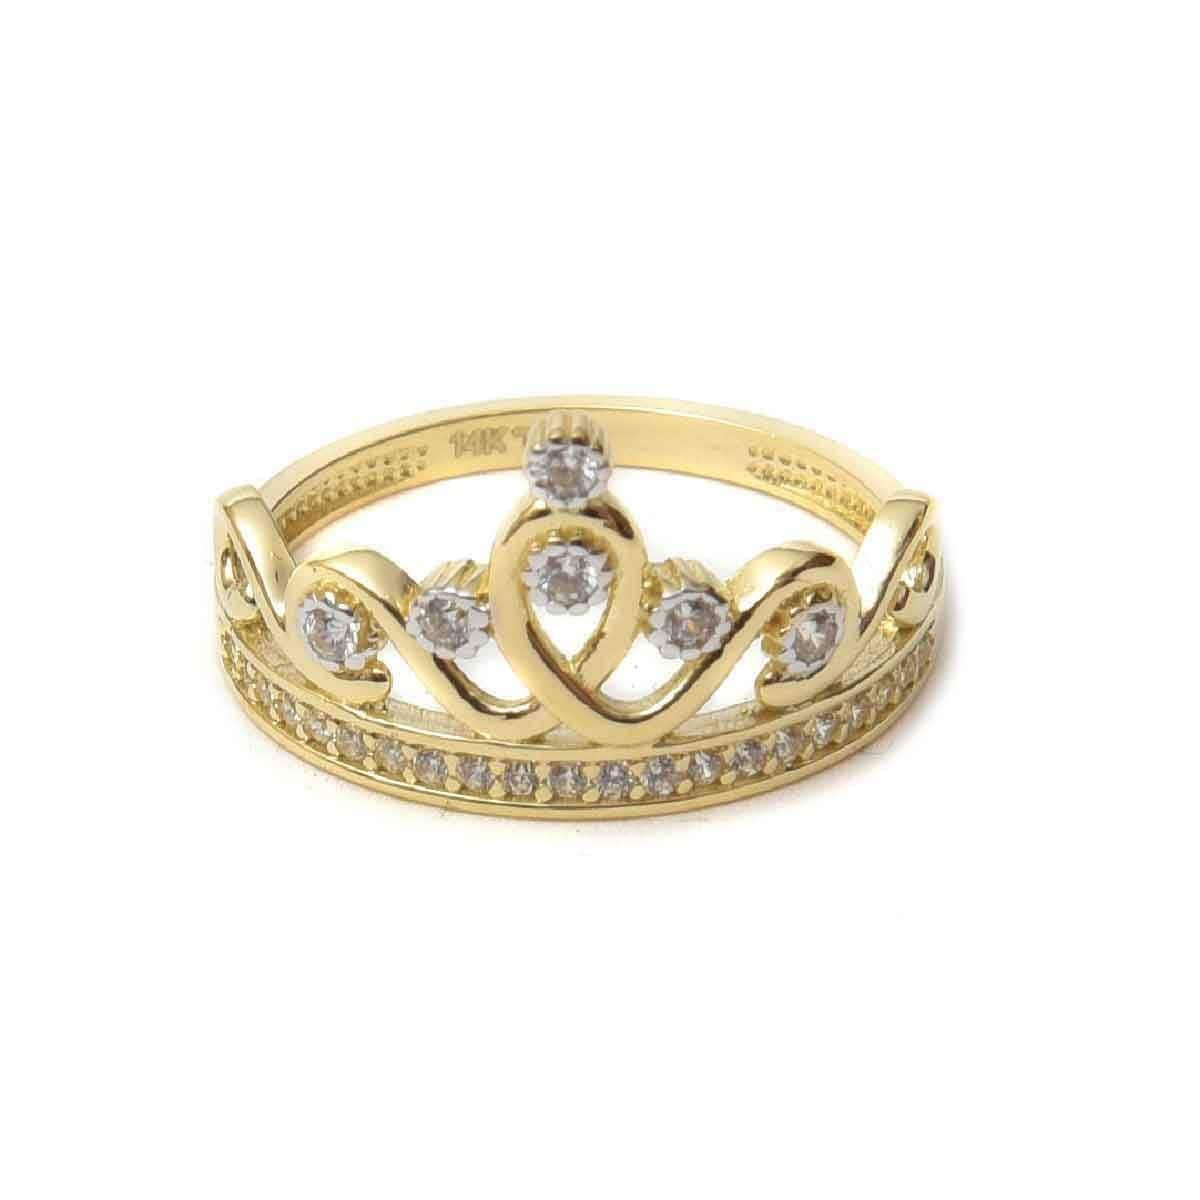 Anillo Corona Reina con Circonias Doble o